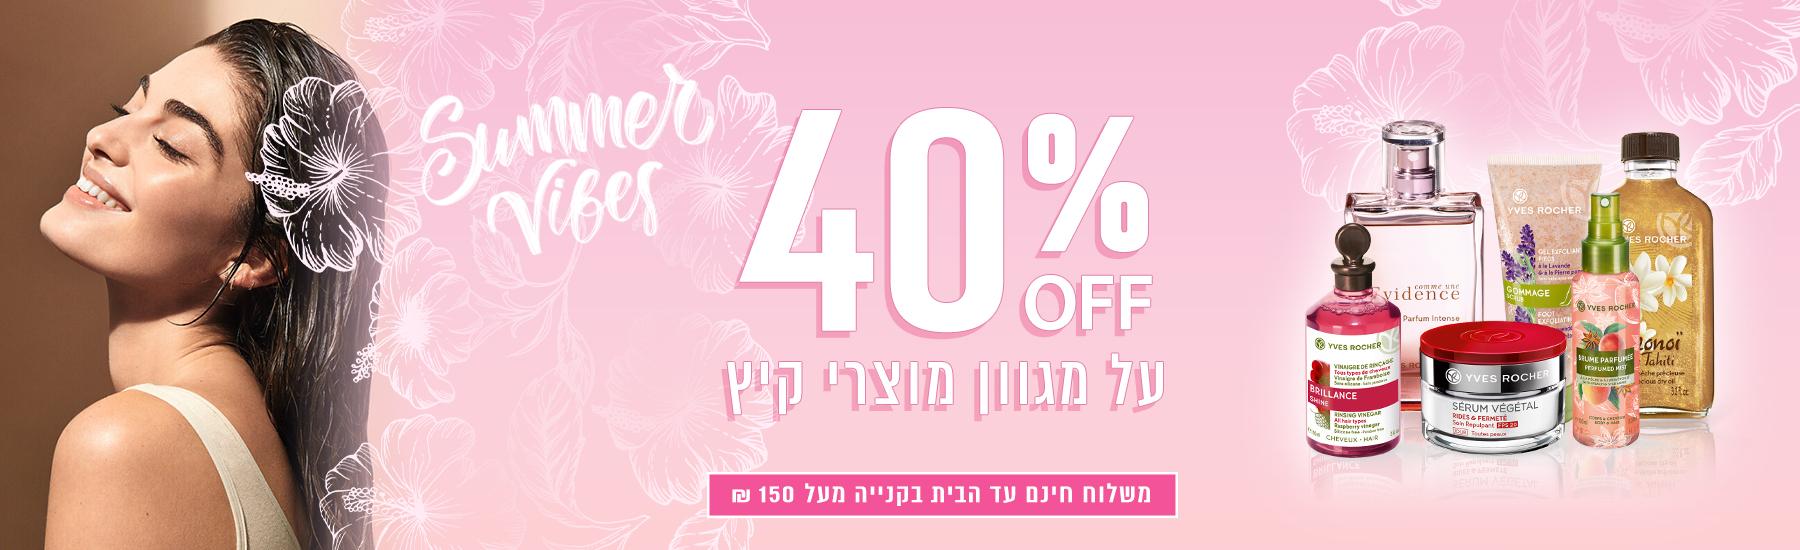 מבצע קיץ מדהים! 40% הנחה על מגוון פריטים באתר